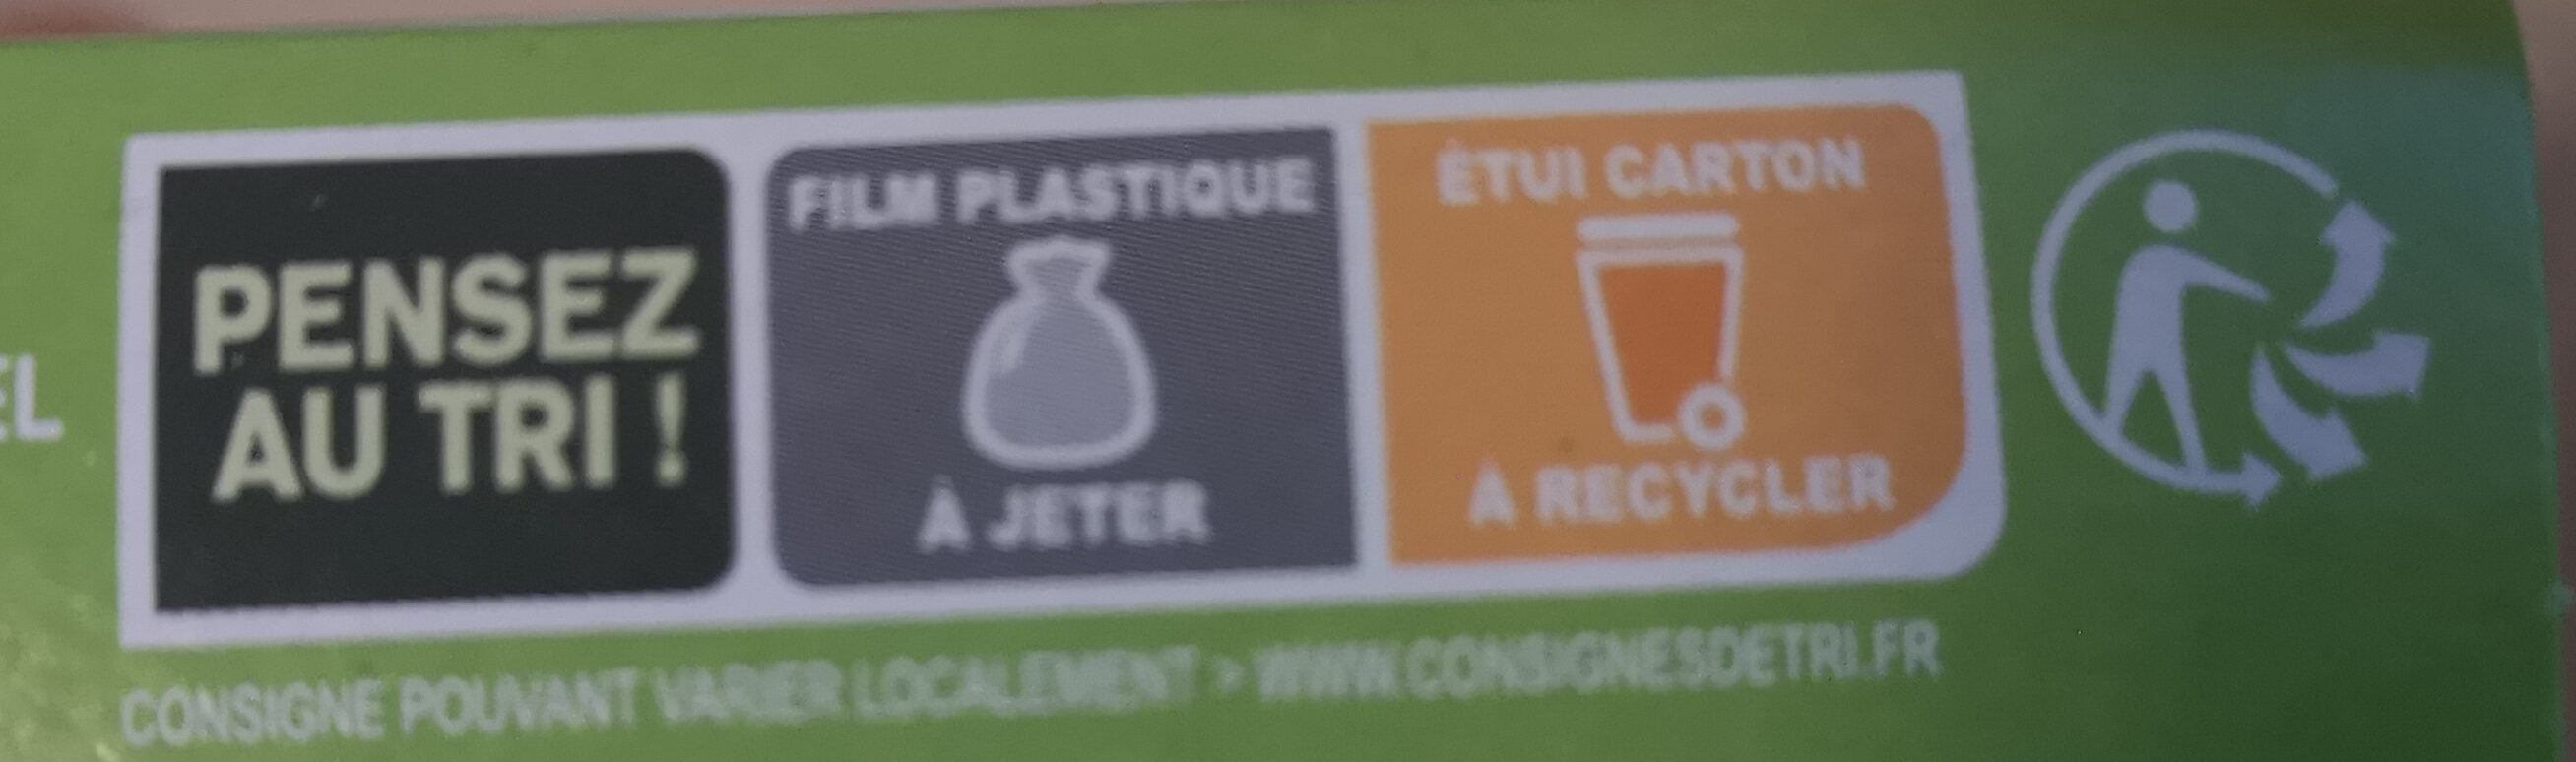 - Instruction de recyclage et/ou informations d'emballage - fr